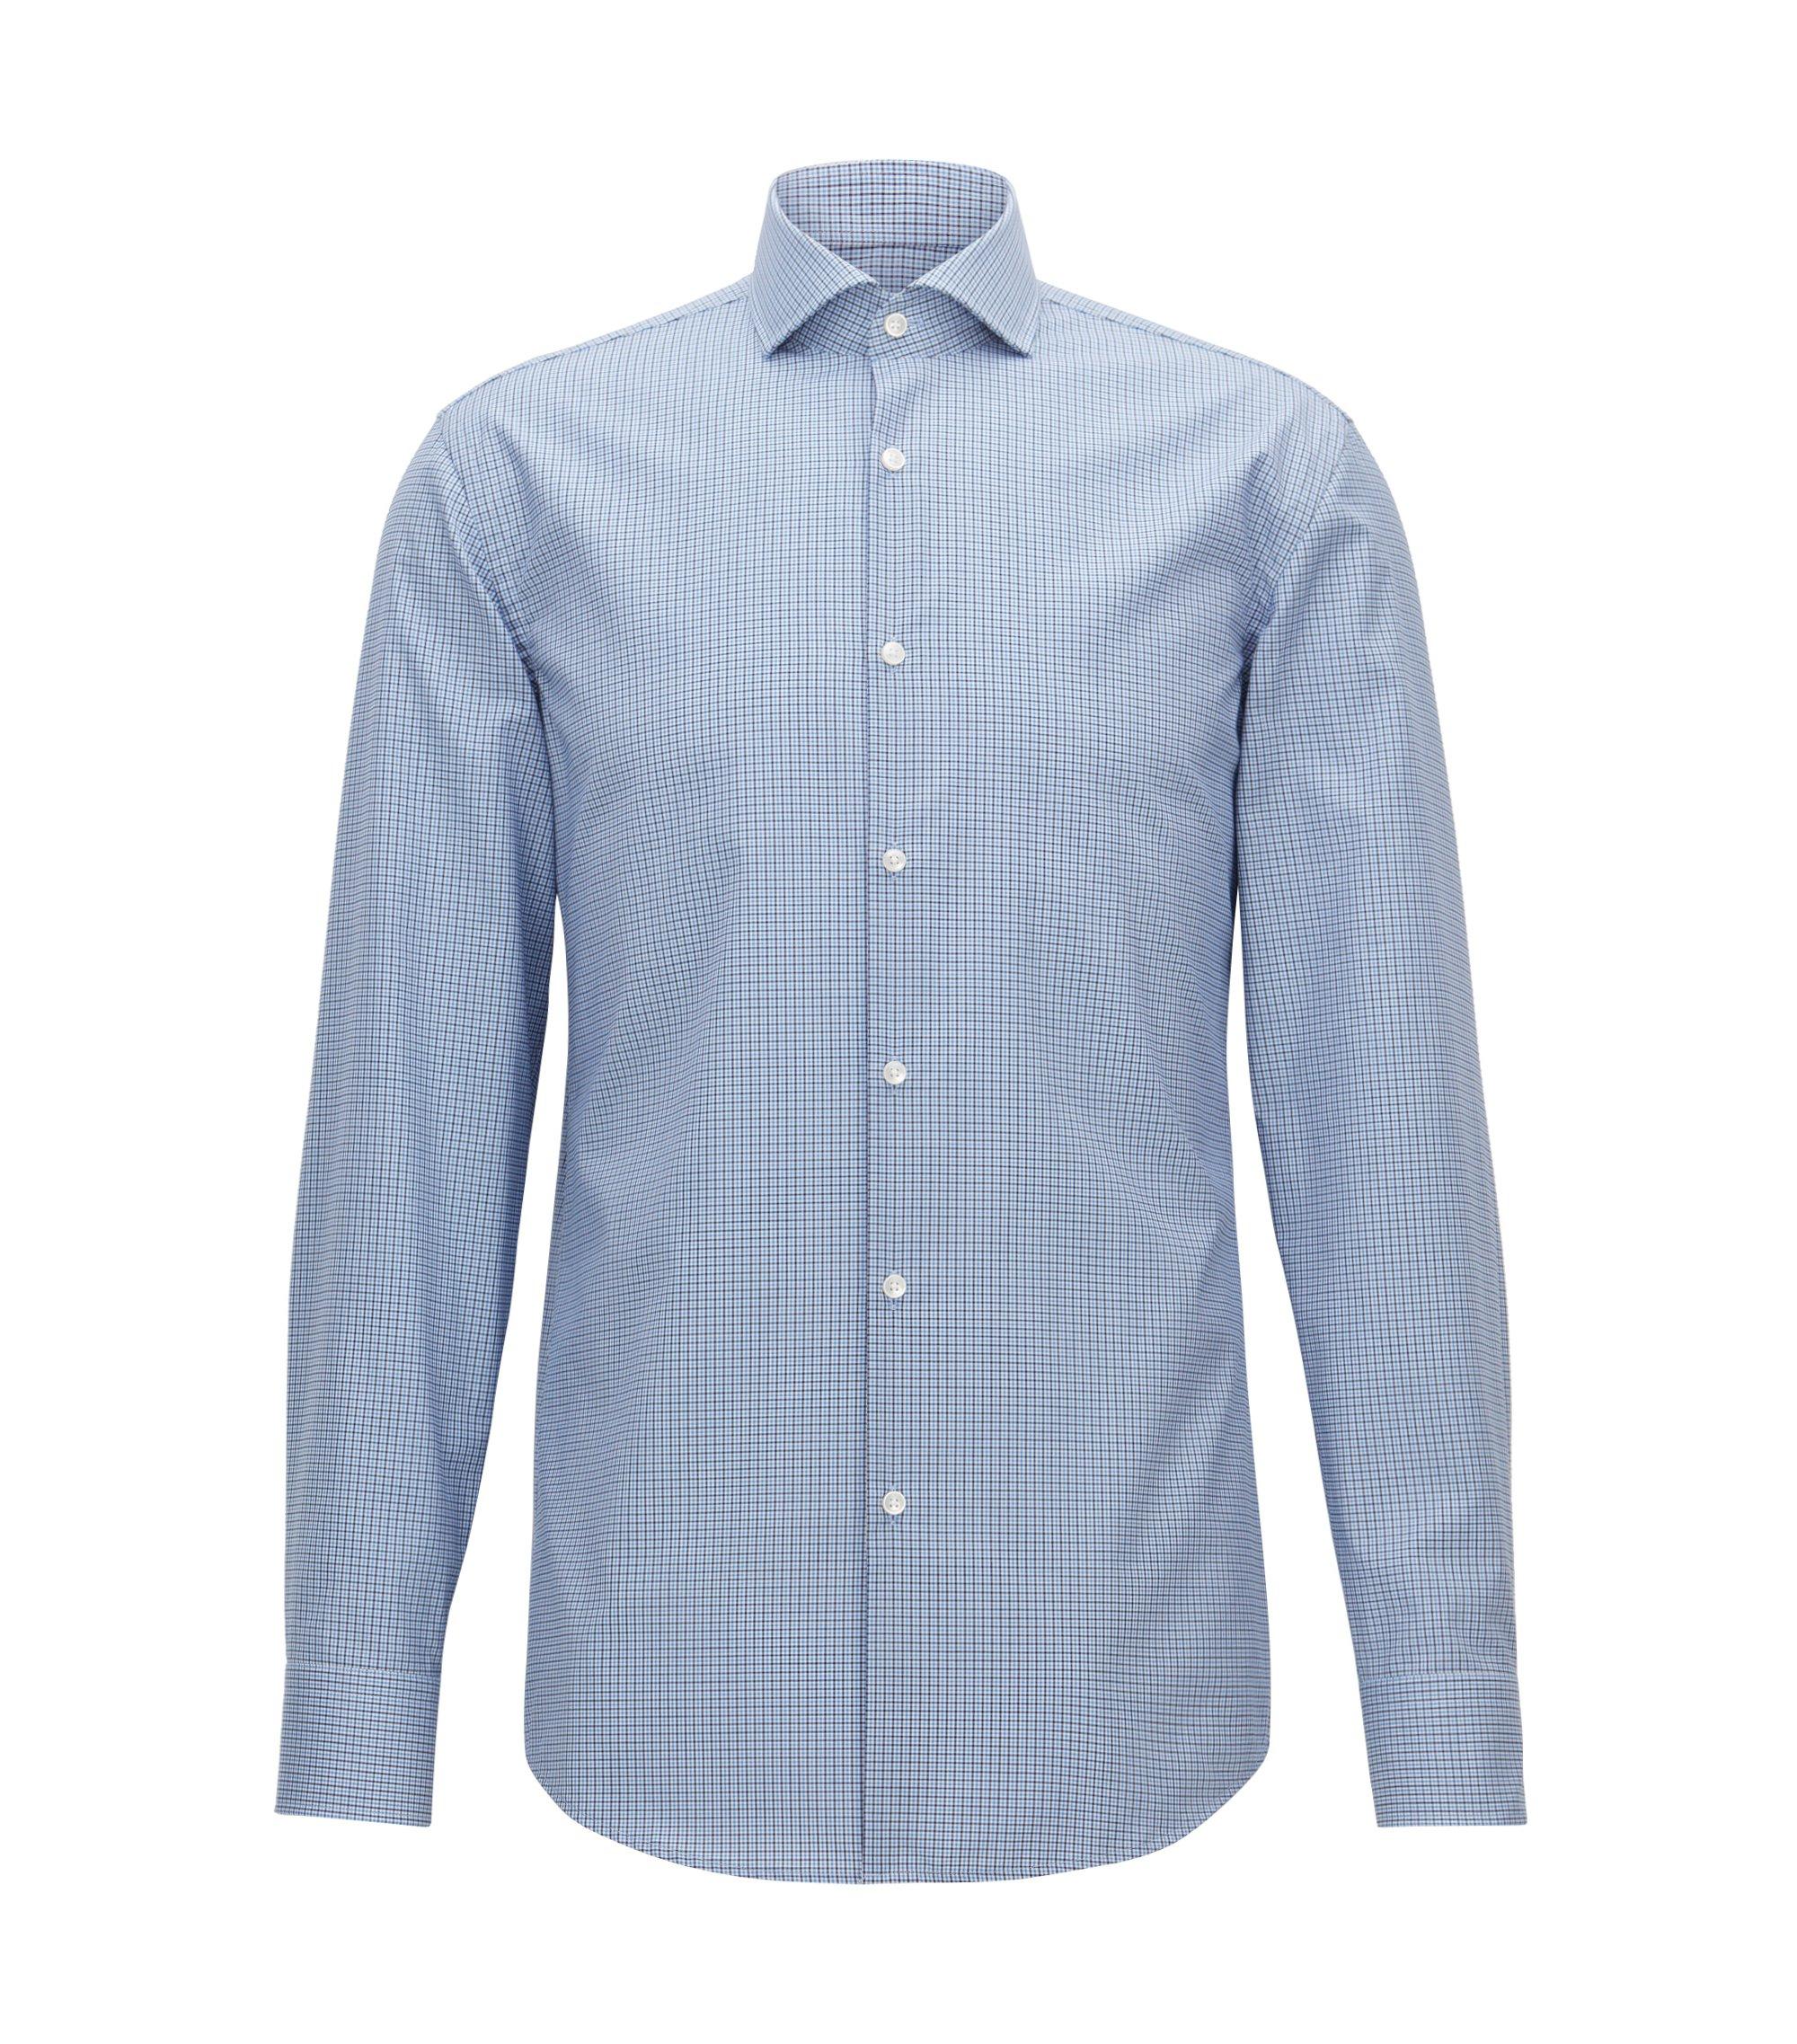 Camicia slim fit facile da stirare in cotone a quadri Vichy, Celeste